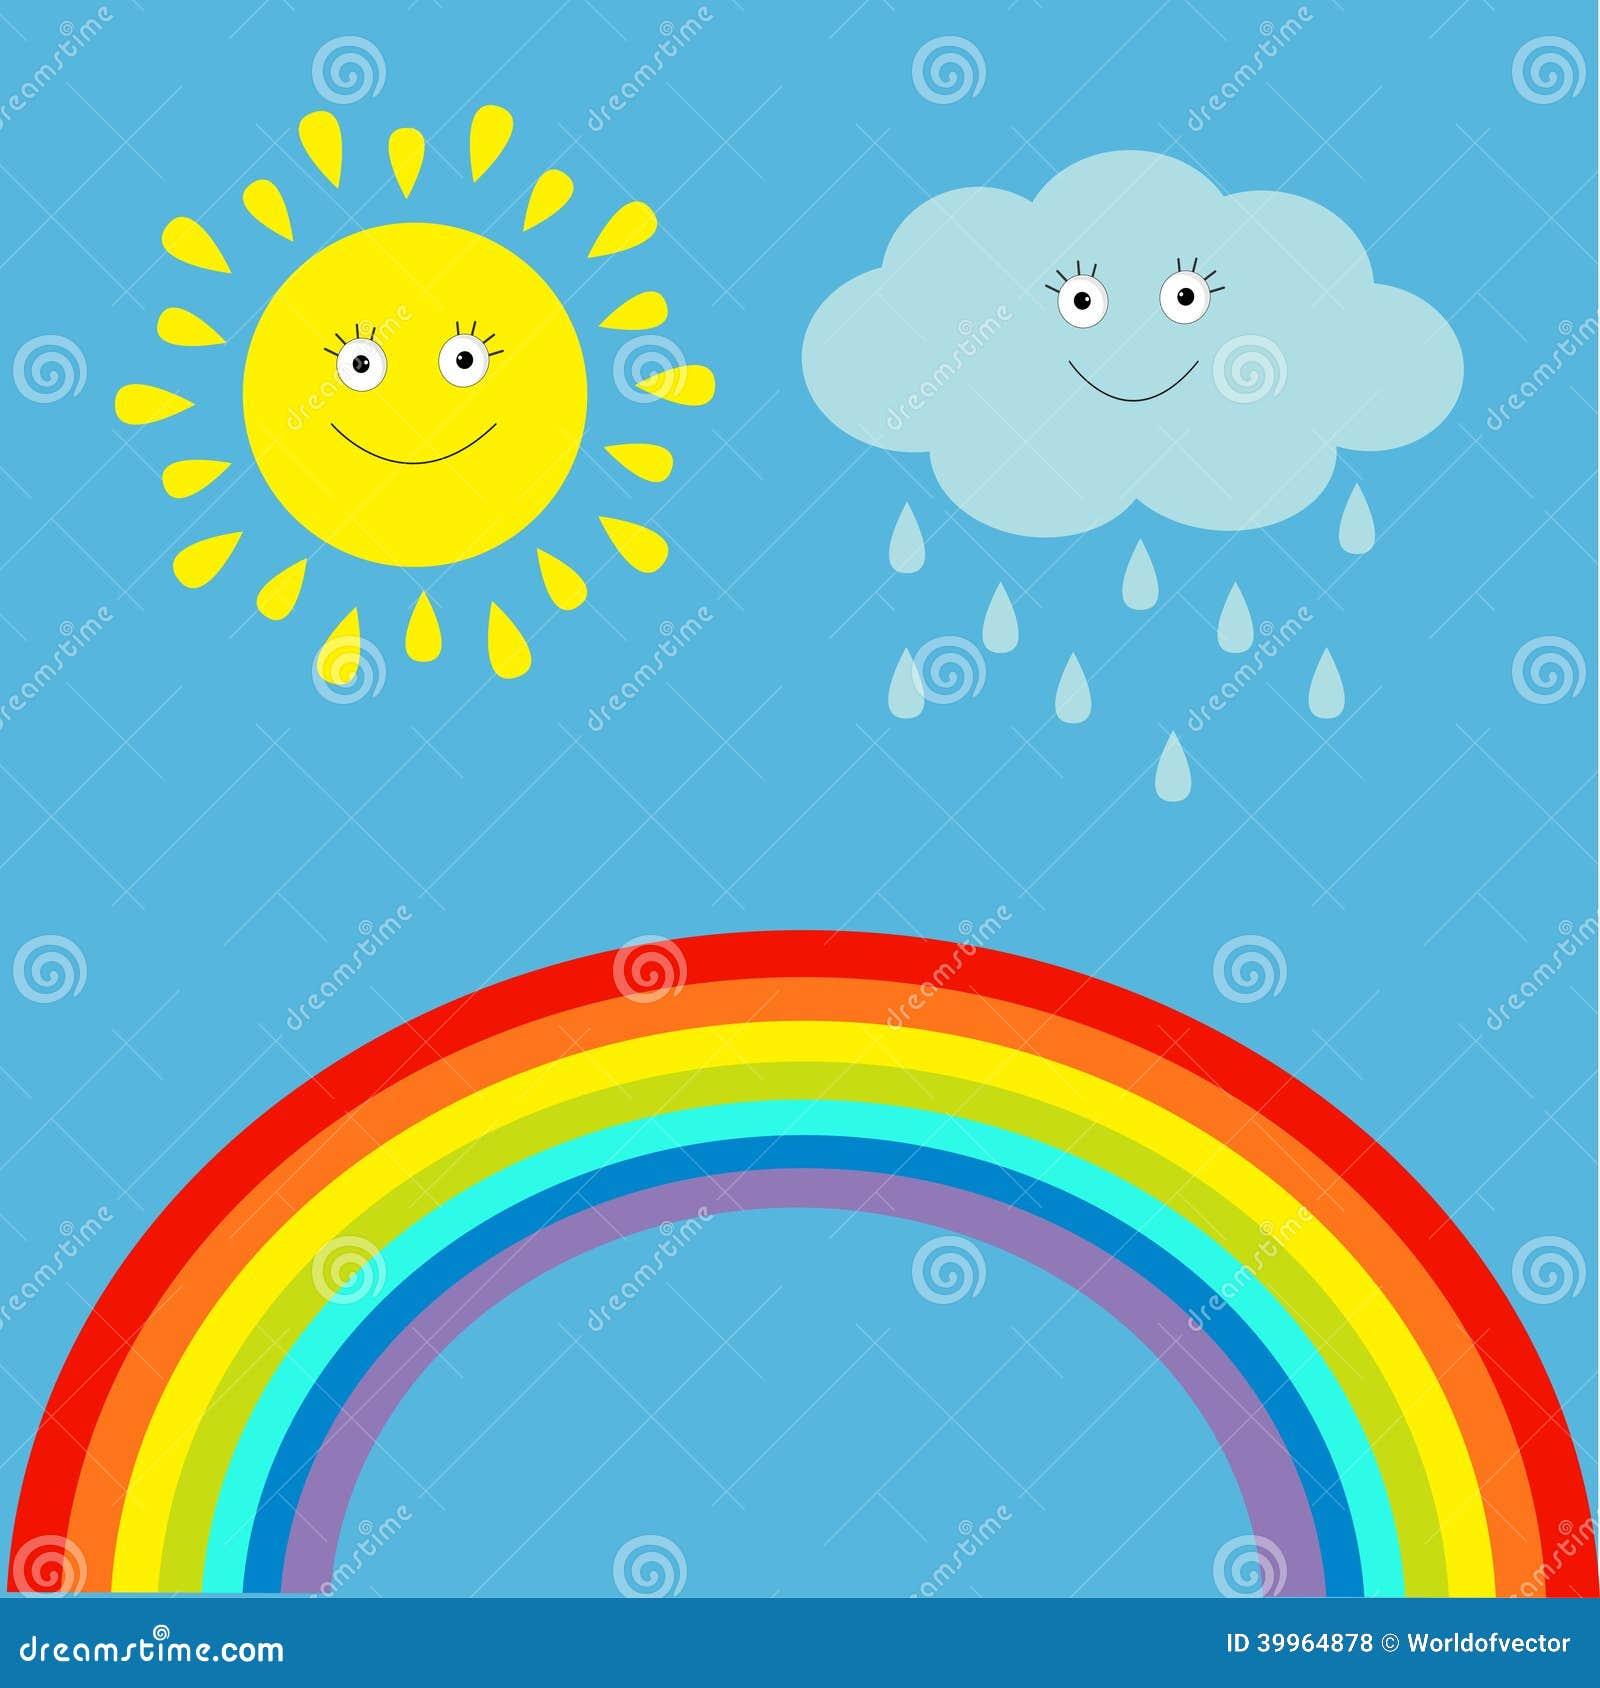 Karikatursonne Wolke Mit Regen Und Regenbogensatz Kinder Lustiges